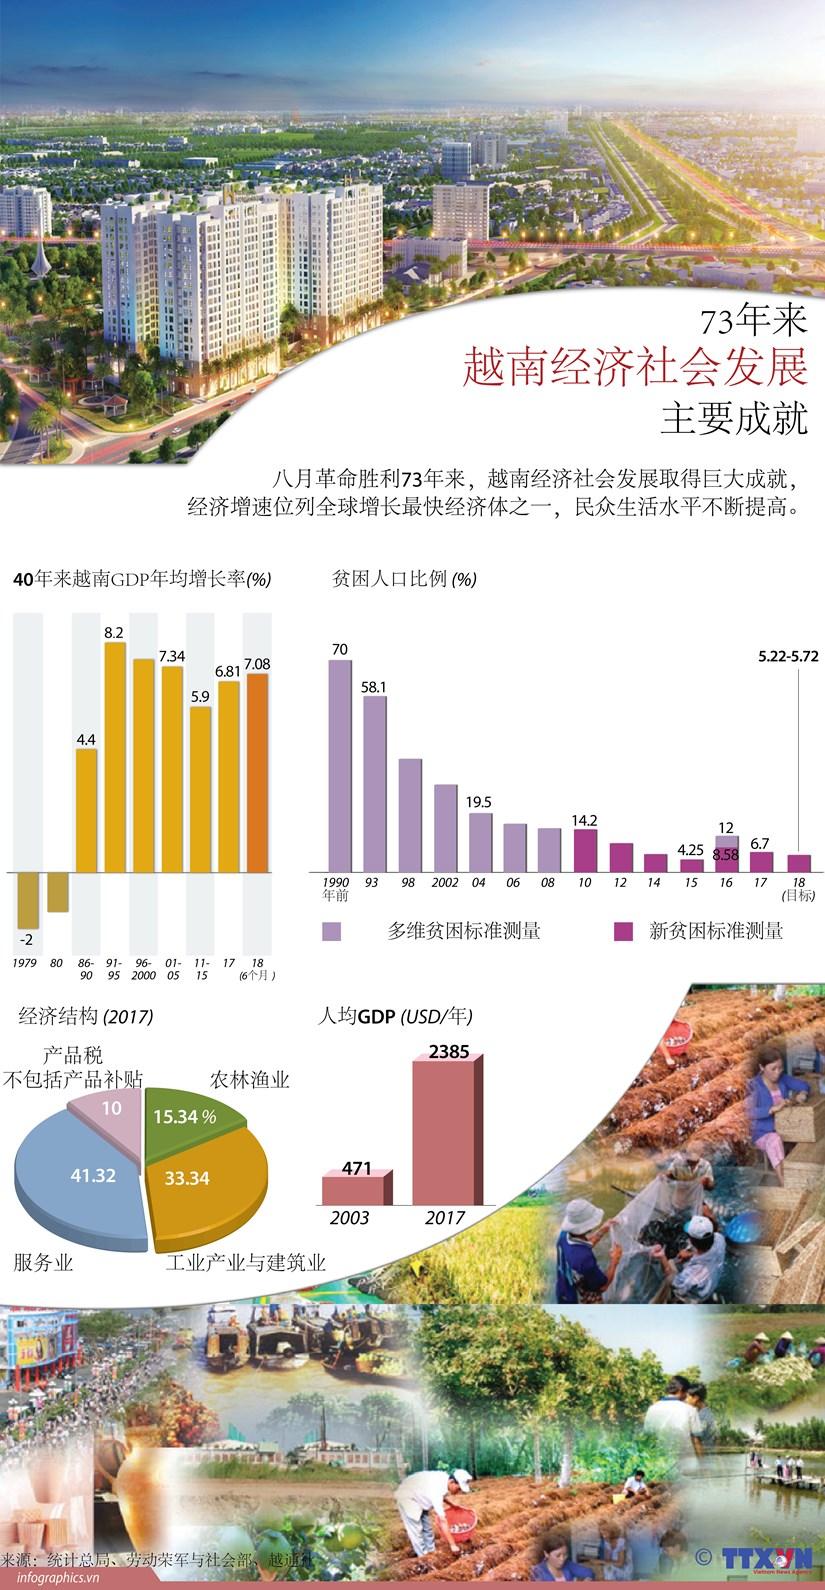 图表新闻:73年来越南经济社会发展取得的主要成就 hinh anh 1